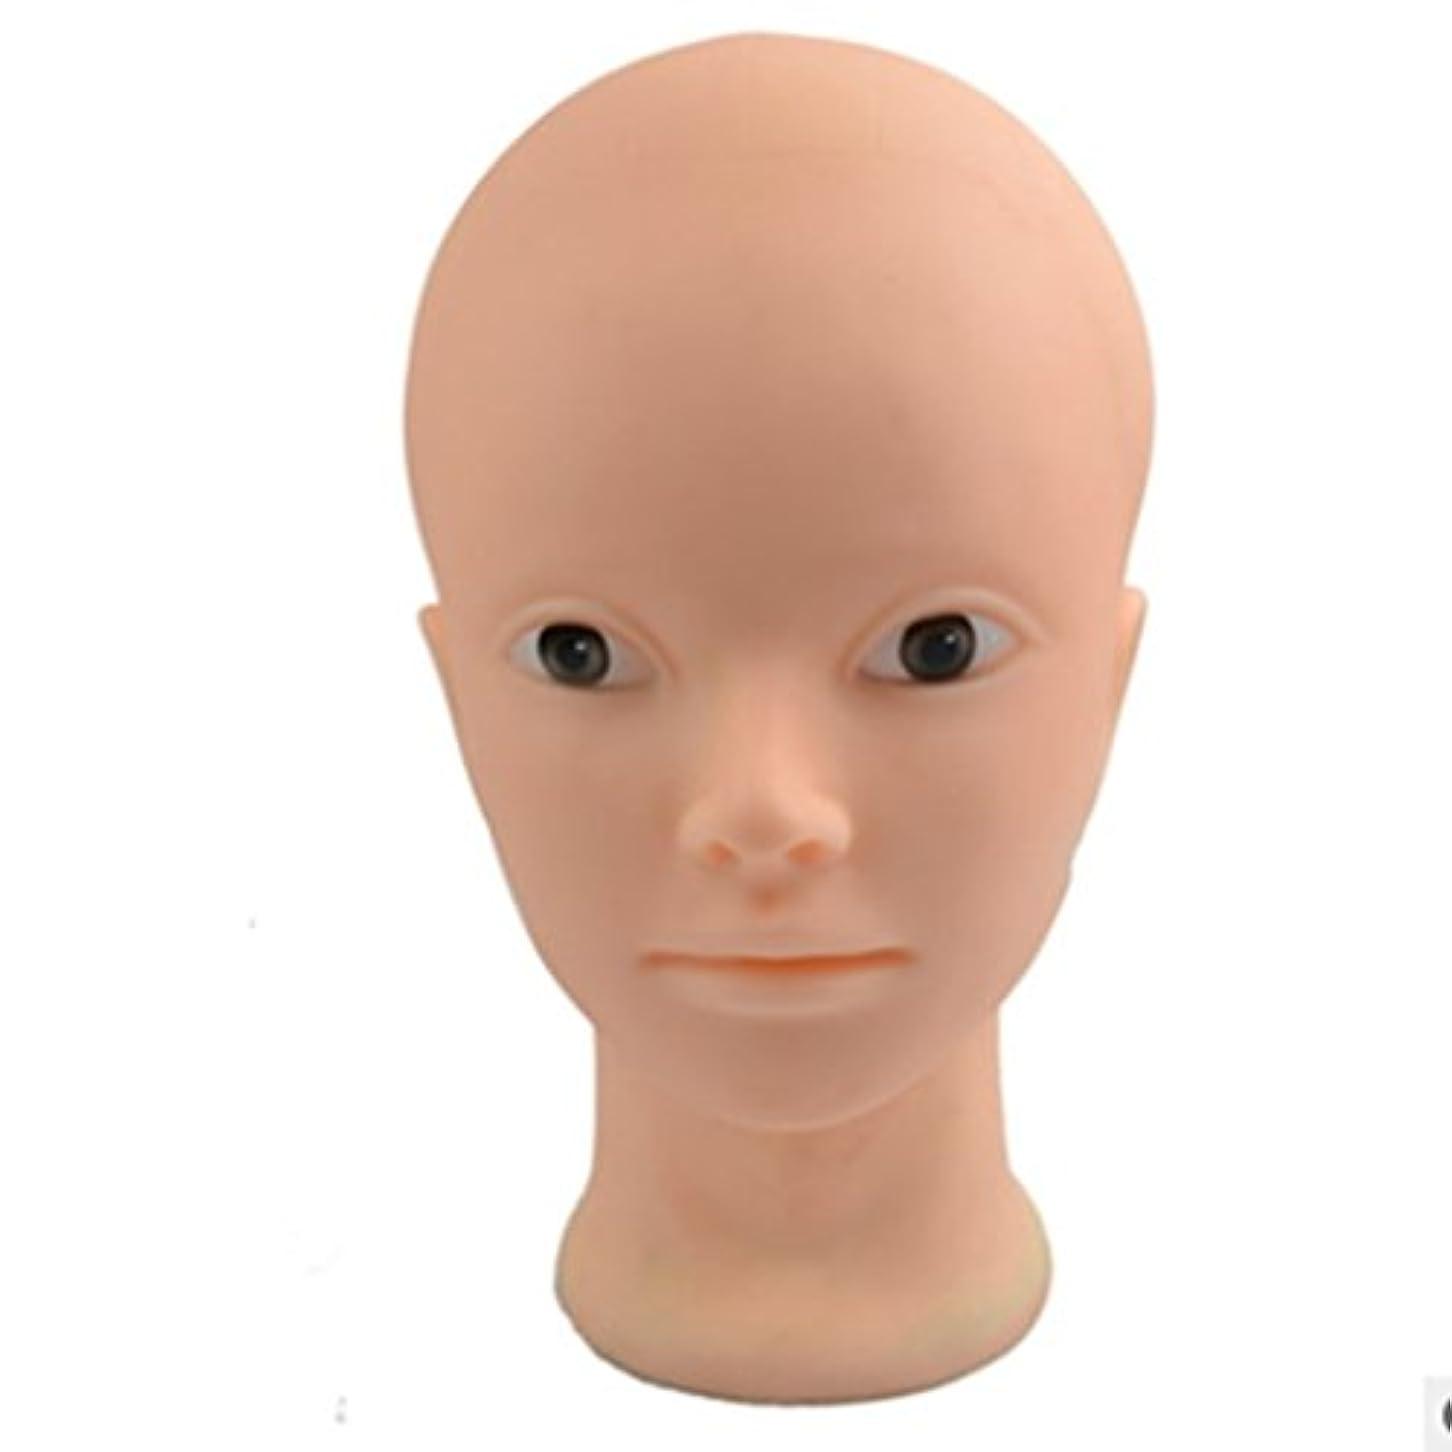 セントナイロン住居25センチウィッグヘッド金型、ポリ塩化ビニールのプラスチック製の人形の鍼療法の練習はげとメガネスカーフモデルウィッグヘッド モデリングツール (色 : ホワイト)